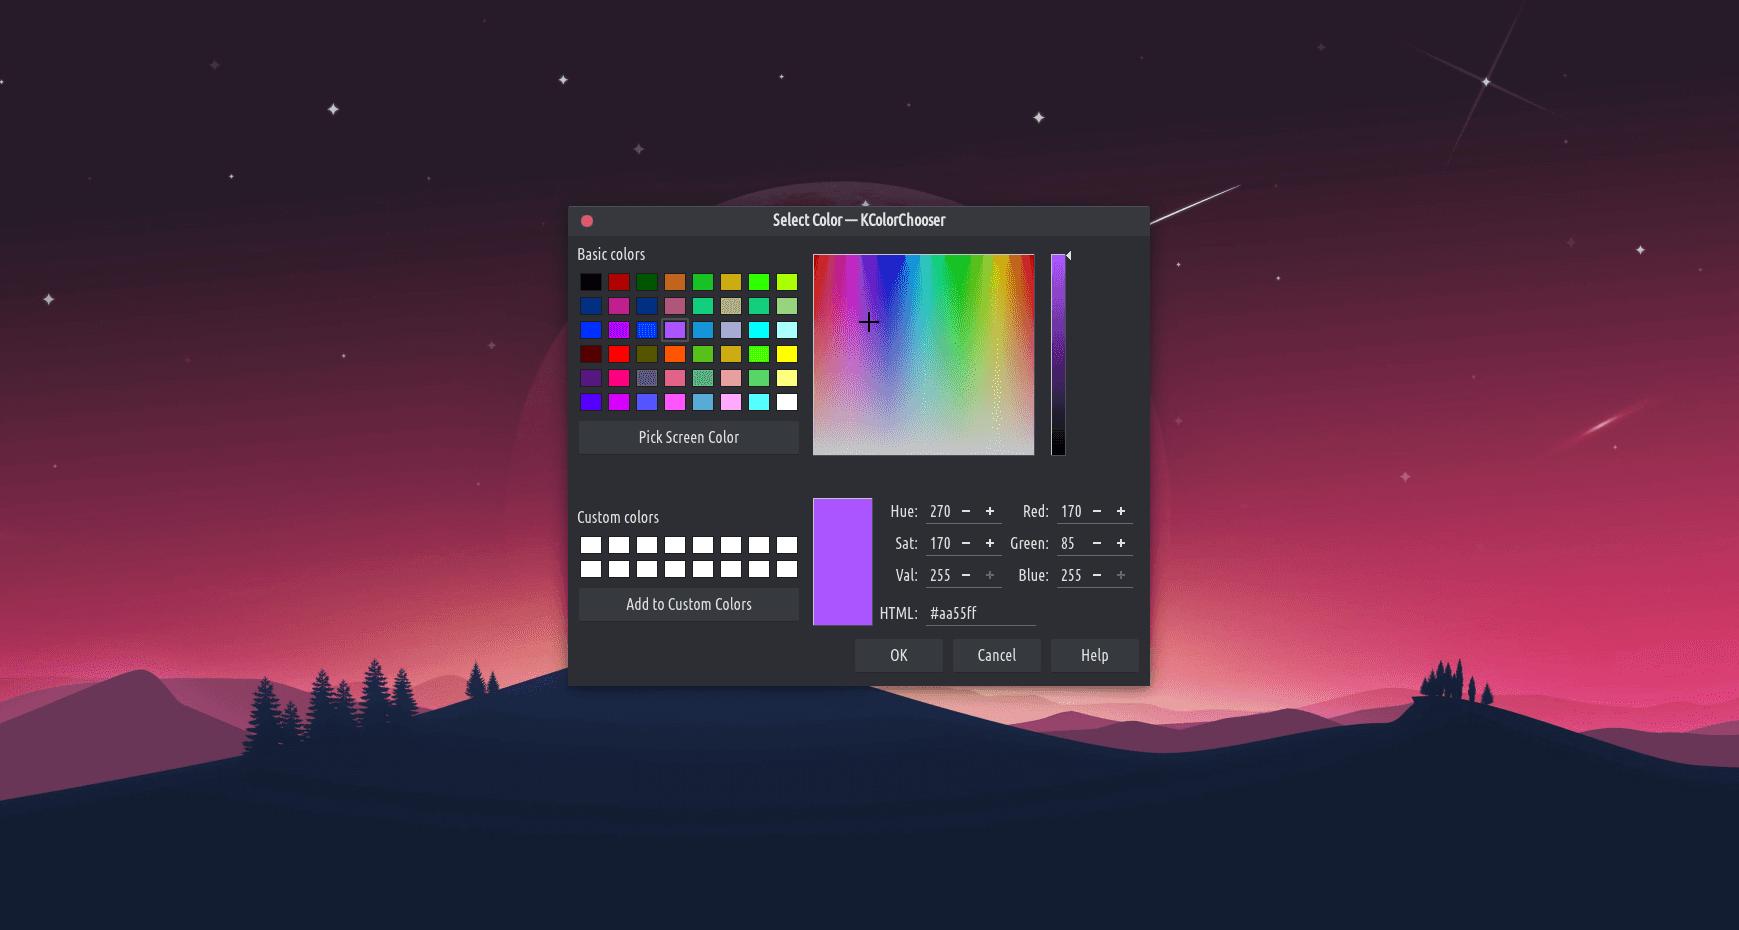 kcolor